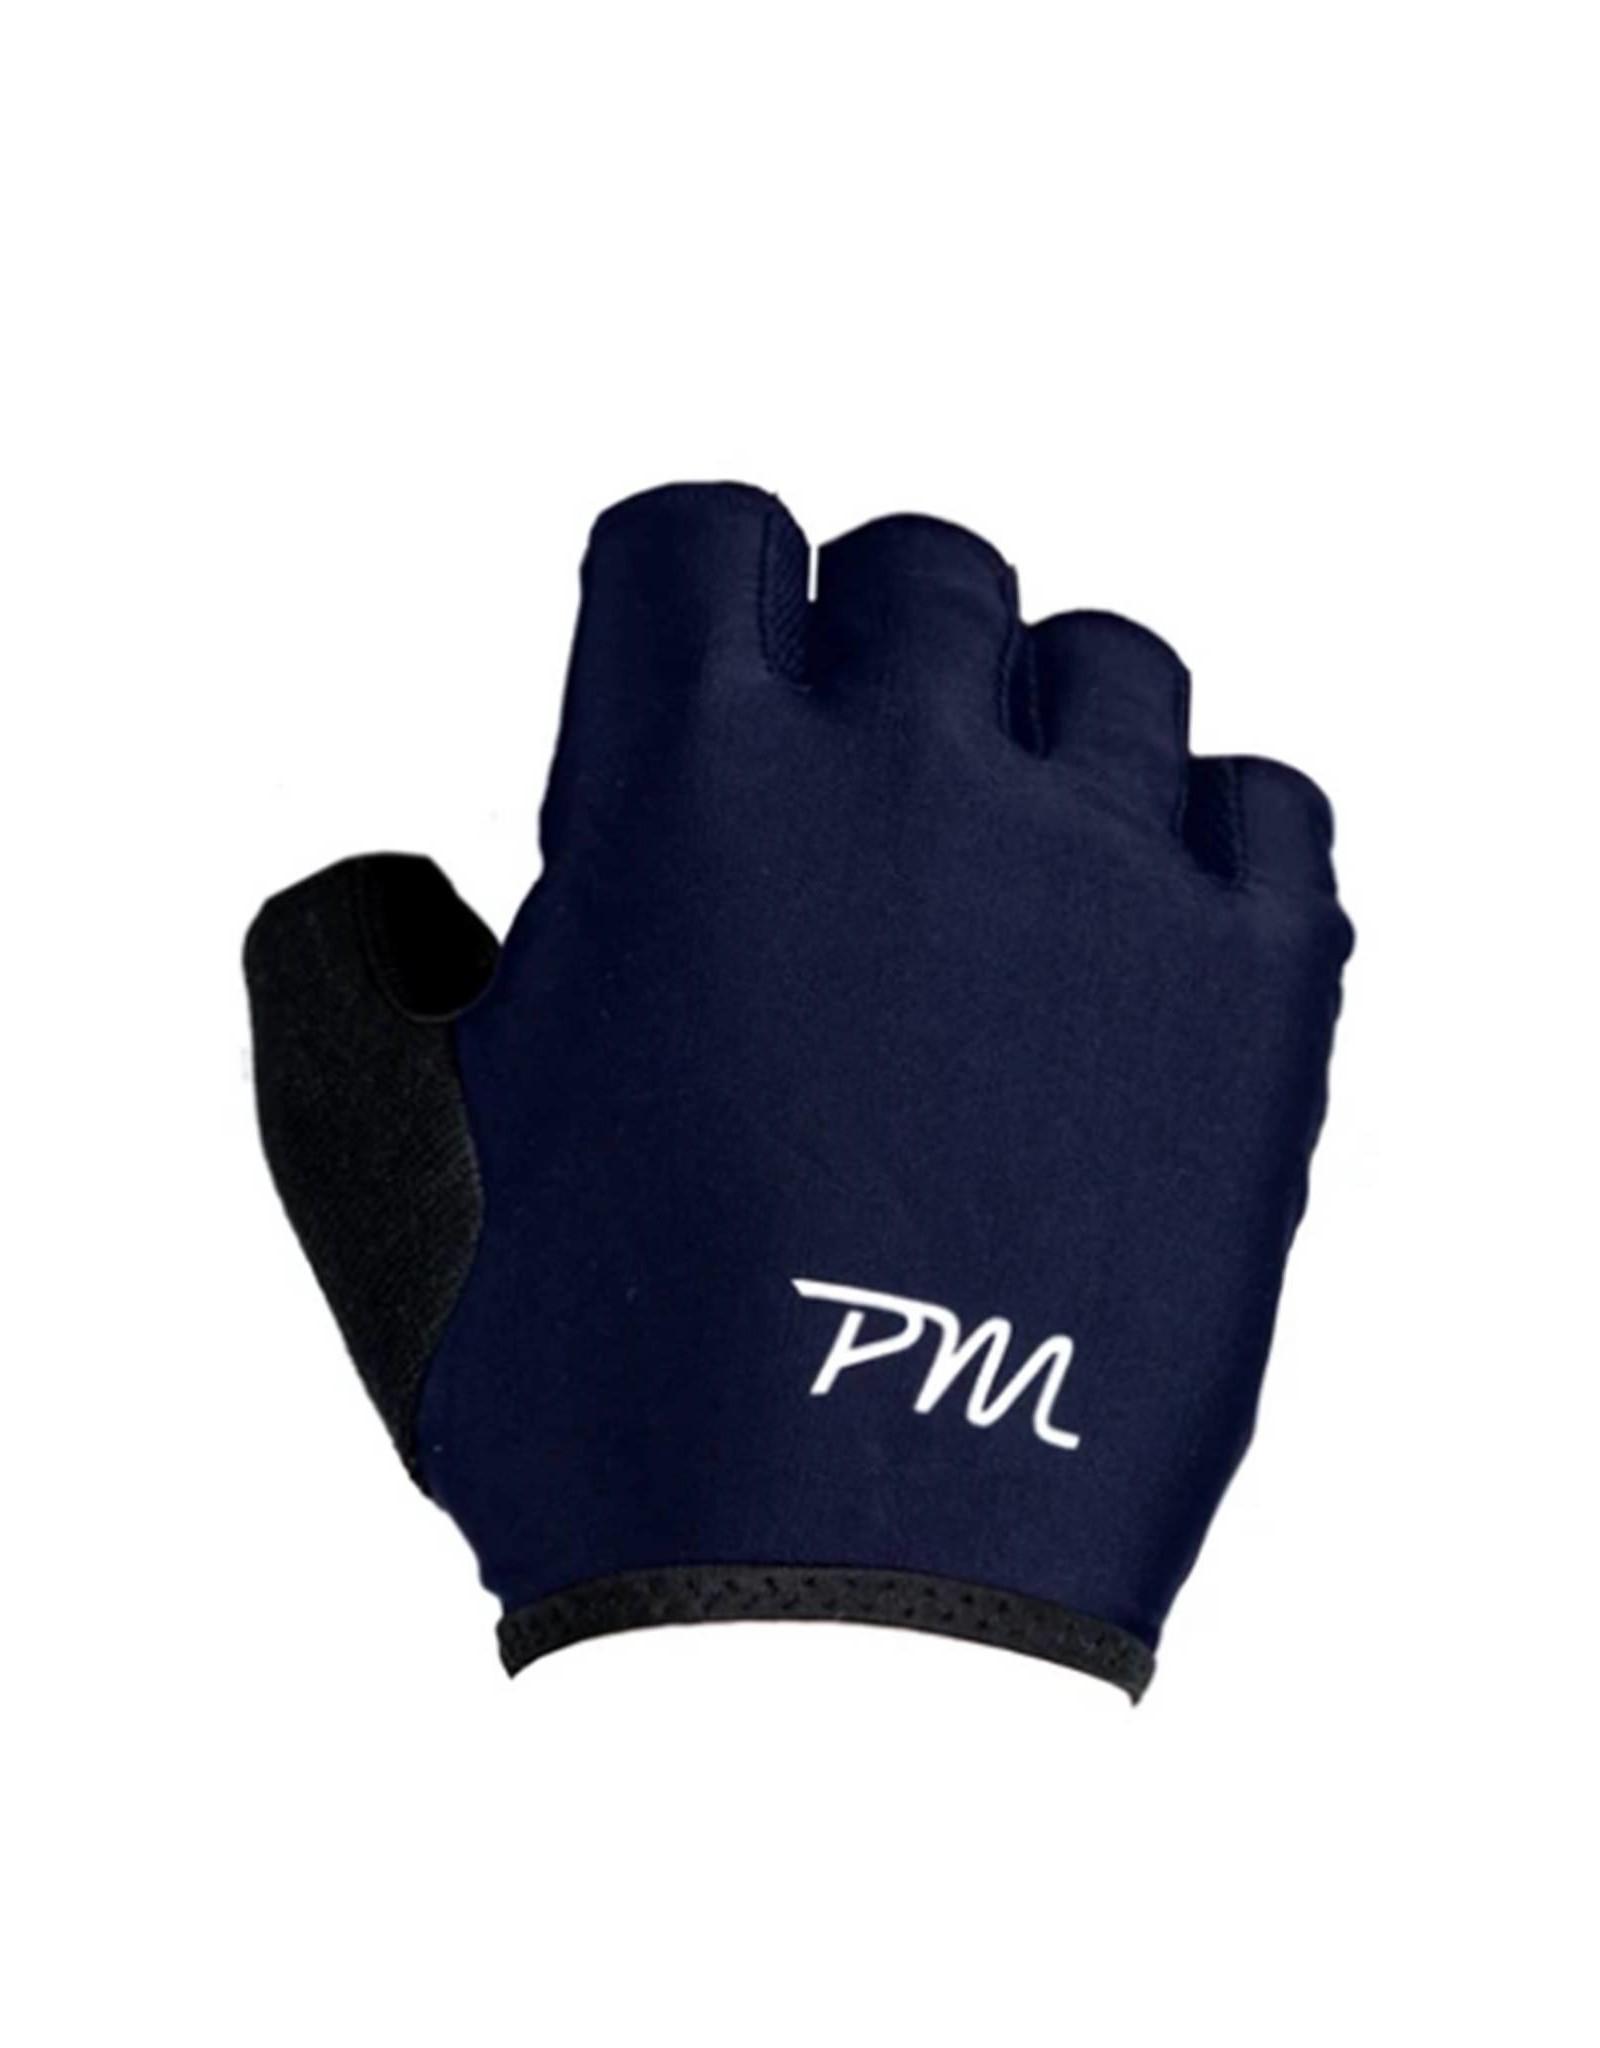 Pedal Mafia Short Finger Cycling Gloves Navy/White